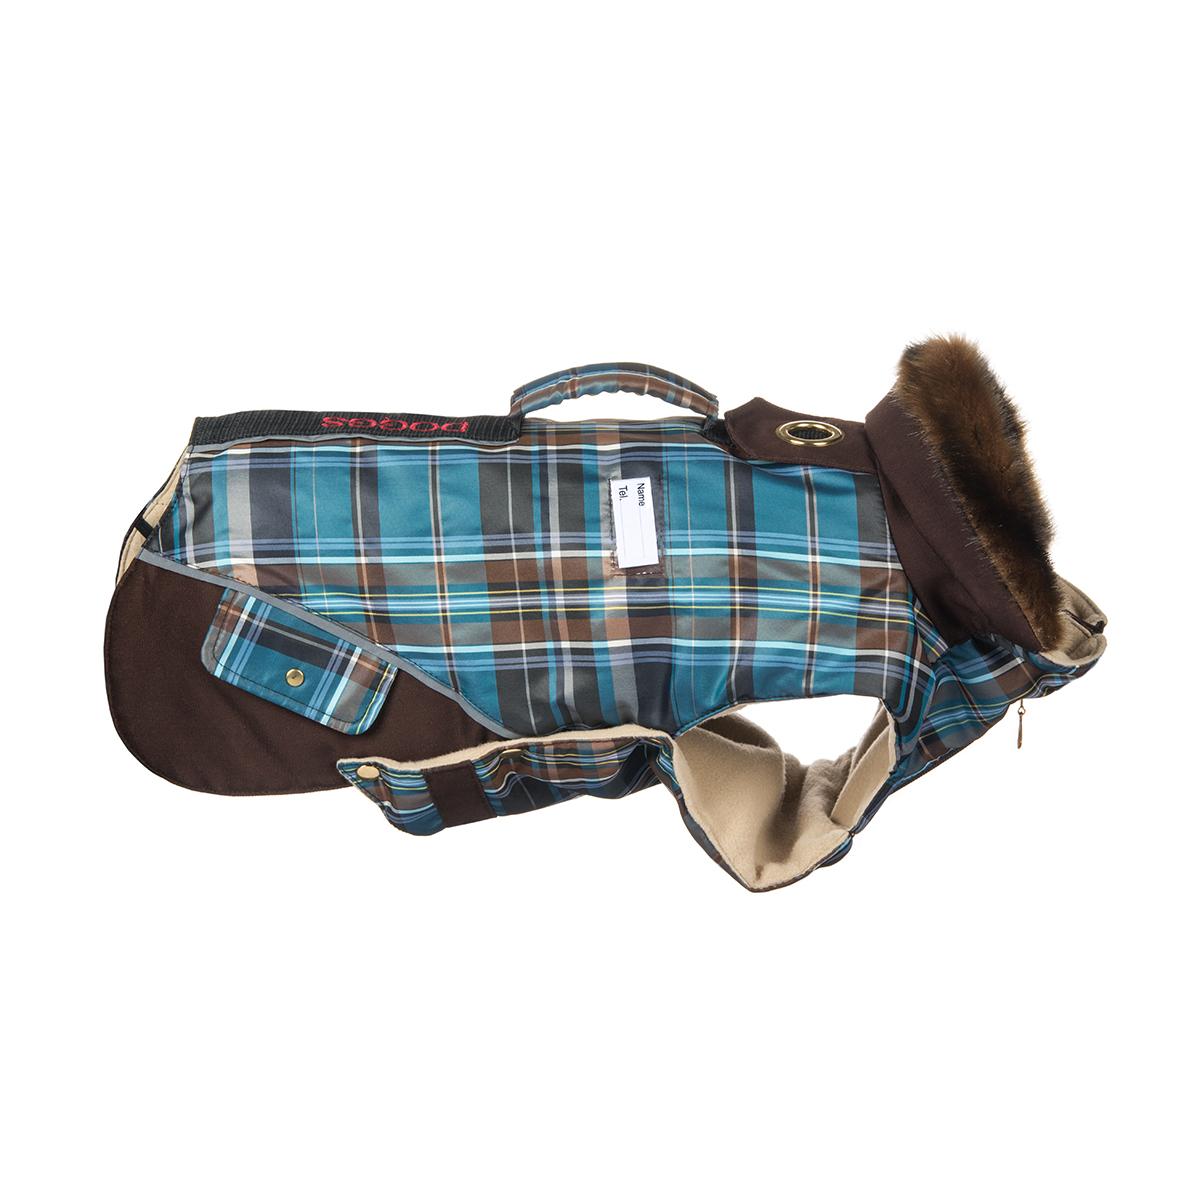 Попона для собак Dogmoda Doggs, для мальчика, цвет: синий, коричневый. Размер SDM-140544Теплая попона для собак Dogmoda Doggs отлично подойдет для прогулок в холодное время года. Попона изготовлена из водоотталкивающего полиэстера, защищающего от ветра и осадков, с утеплителем из синтепона, который сохранит тепло даже в сильные морозы, а на подкладке используется флис, который отлично сохраняет тепло и обеспечивает воздухообмен. Попона оснащена прорезями для ног и застегивается на кнопки, а высокий ворот с расширителем имеет застежку-молнию и кнопку, благодаря чему ее легко надевать и снимать. Ворот украшен искусственным мехом. На животе попона затягивается на шнурок-кулиску с зажимом. Спинка декорирована вышитой надписью Doggs, оснащена светоотражающими элементами и ручкой. Модель снабжена непромокаемым карманом для размещения записки с информацией о вашем питомце, на случай если он потеряется.Благодаря такой попоне питомцу будет тепло и комфортно в любое время года.Попона подходит для собак следующих пород: - вестхайленд- бишон-фризе- фокстерьер- вельштерьер- лейкленд- терьер- английский кокер- пудель малый- шелти- ши-тцу- пекинес.Одежда для собак: нужна ли она и как её выбрать. Статья OZON Гид